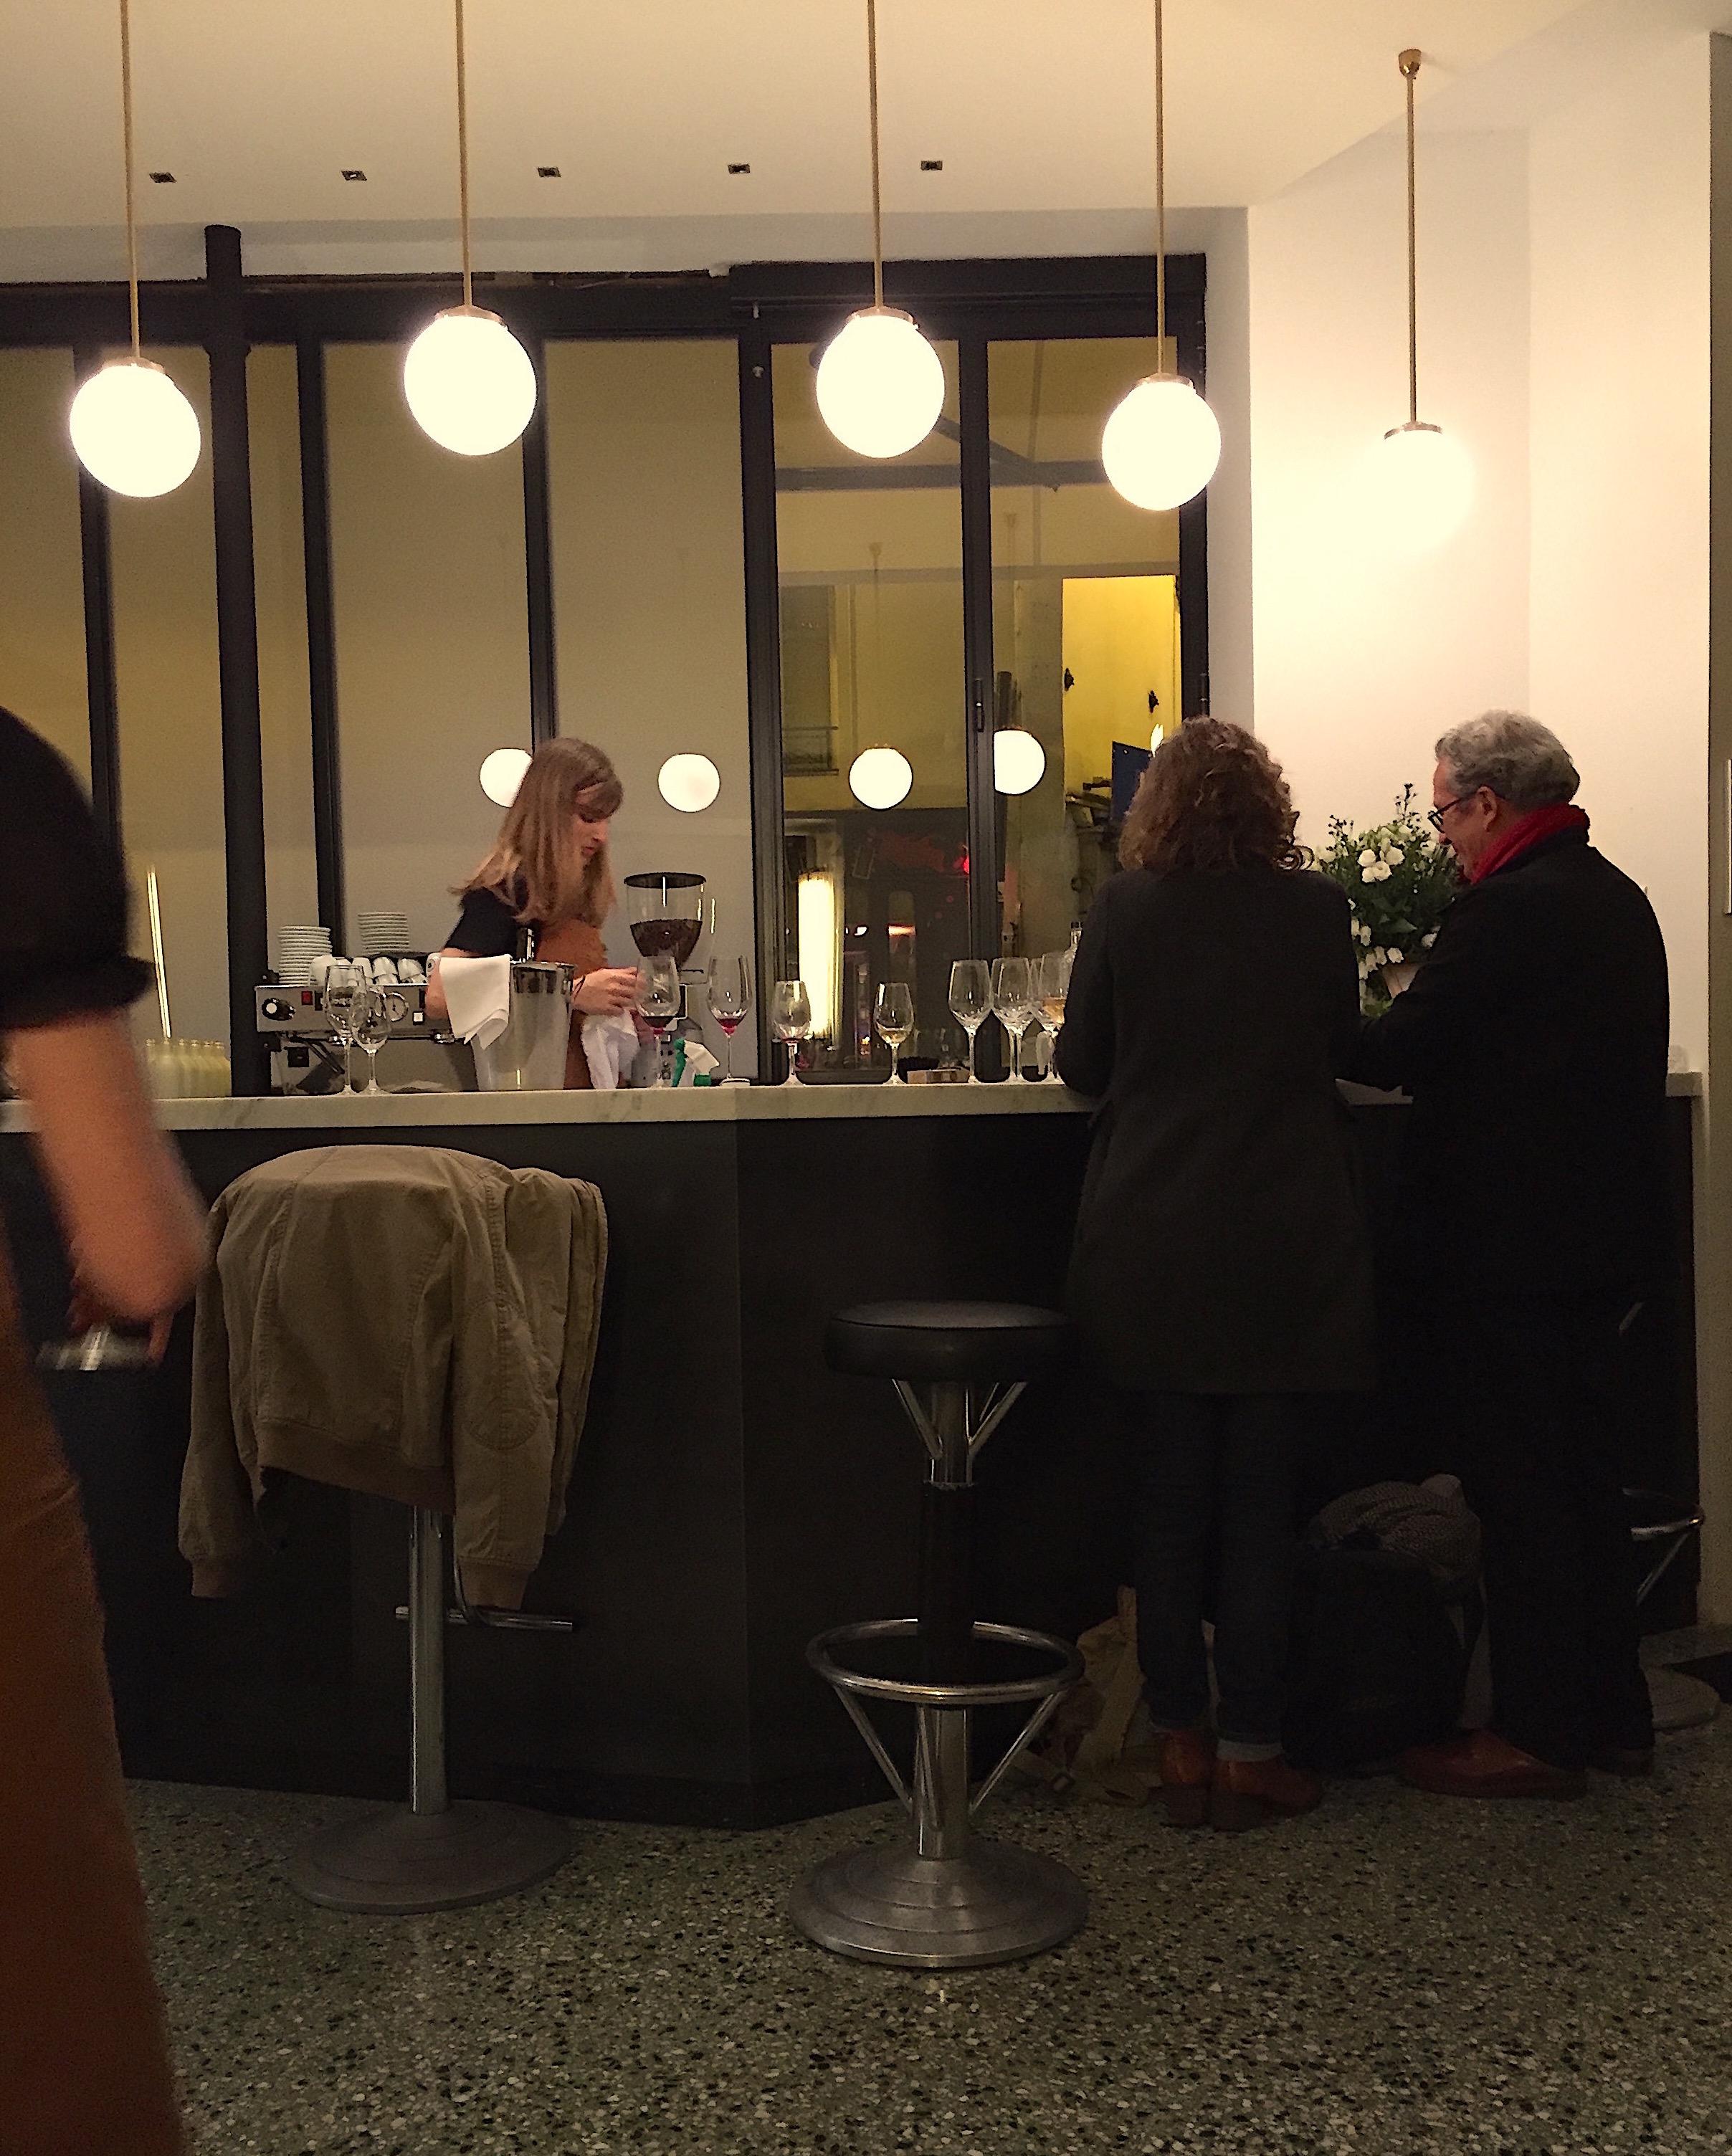 Restaurant Passerini - dining room @Alexander Lobrano